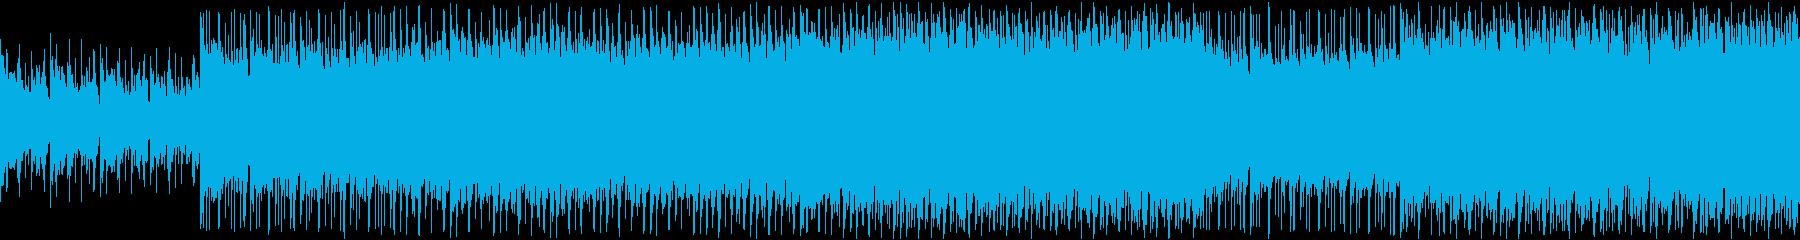 明るいキラキラトロピカルポップ ループの再生済みの波形